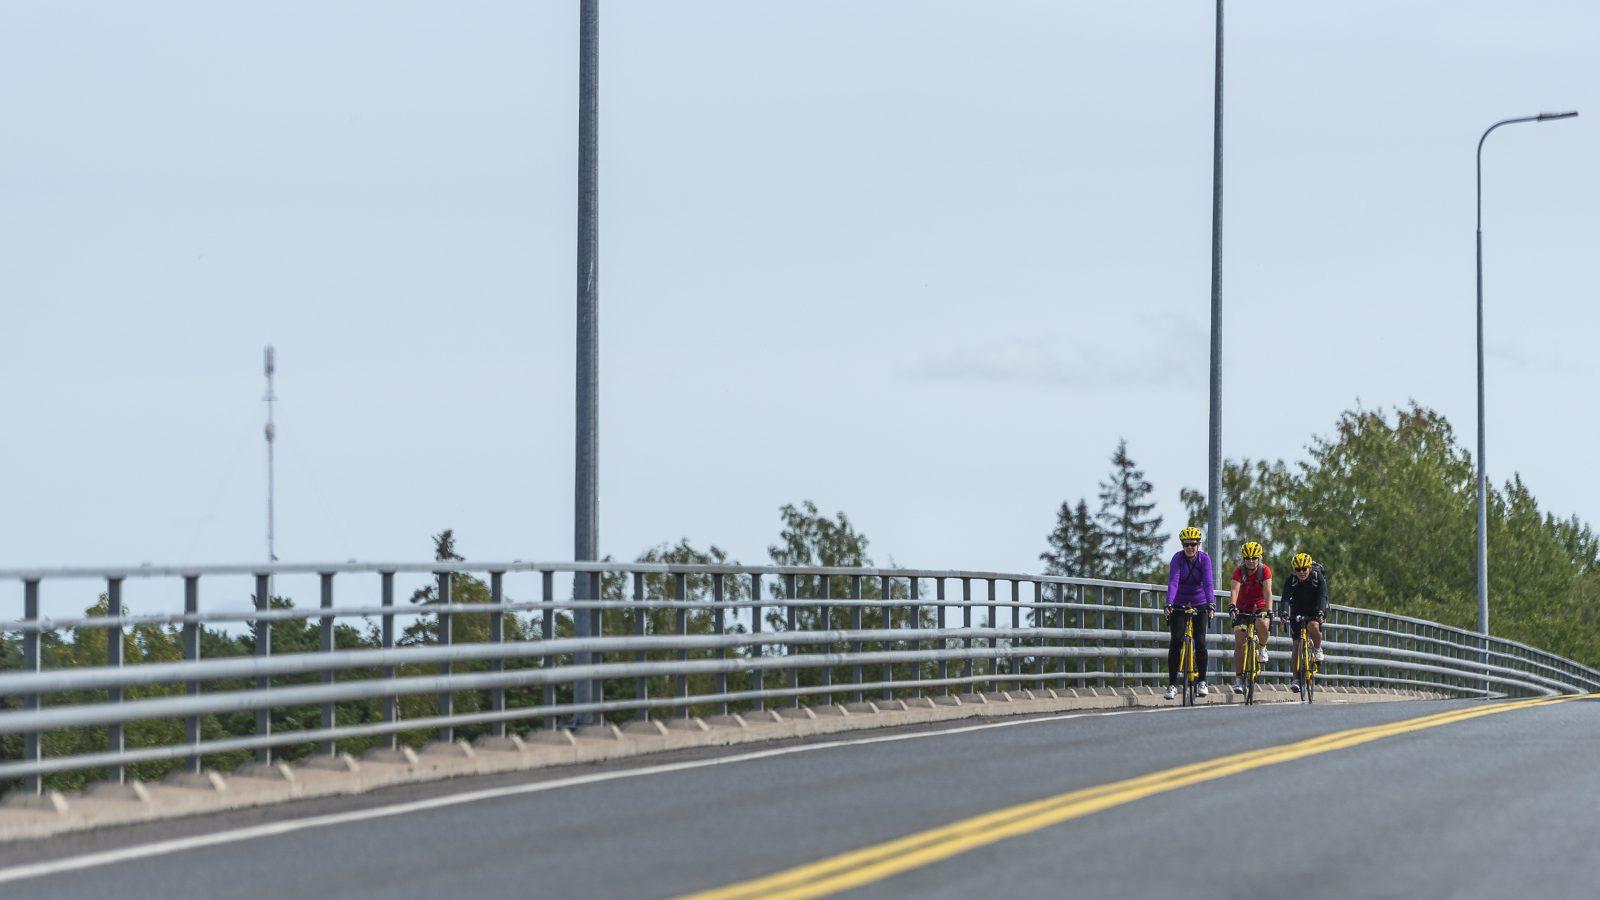 Kolme pyöräilijää pyöräilevät sillan yli, näkyy siltaa ja harmaata taivasta.